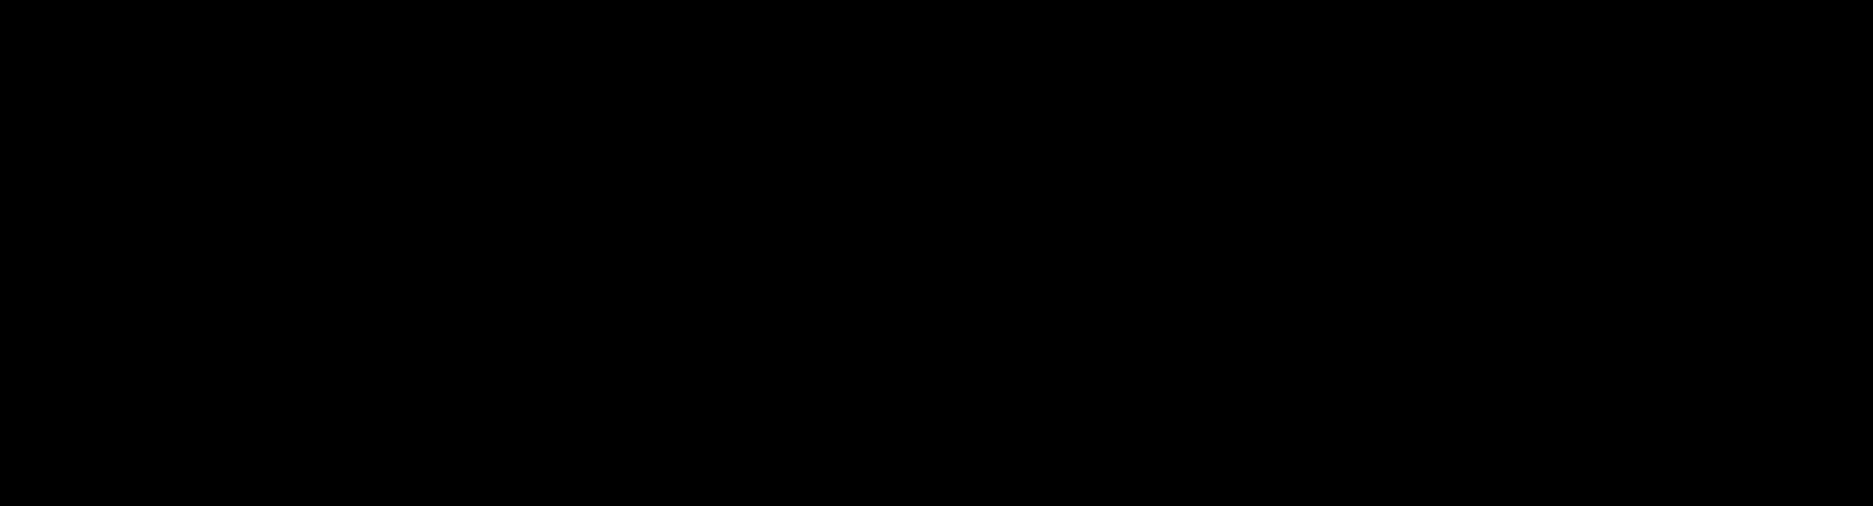 1870-249X-jmcs-61-03-00241-gf1.png